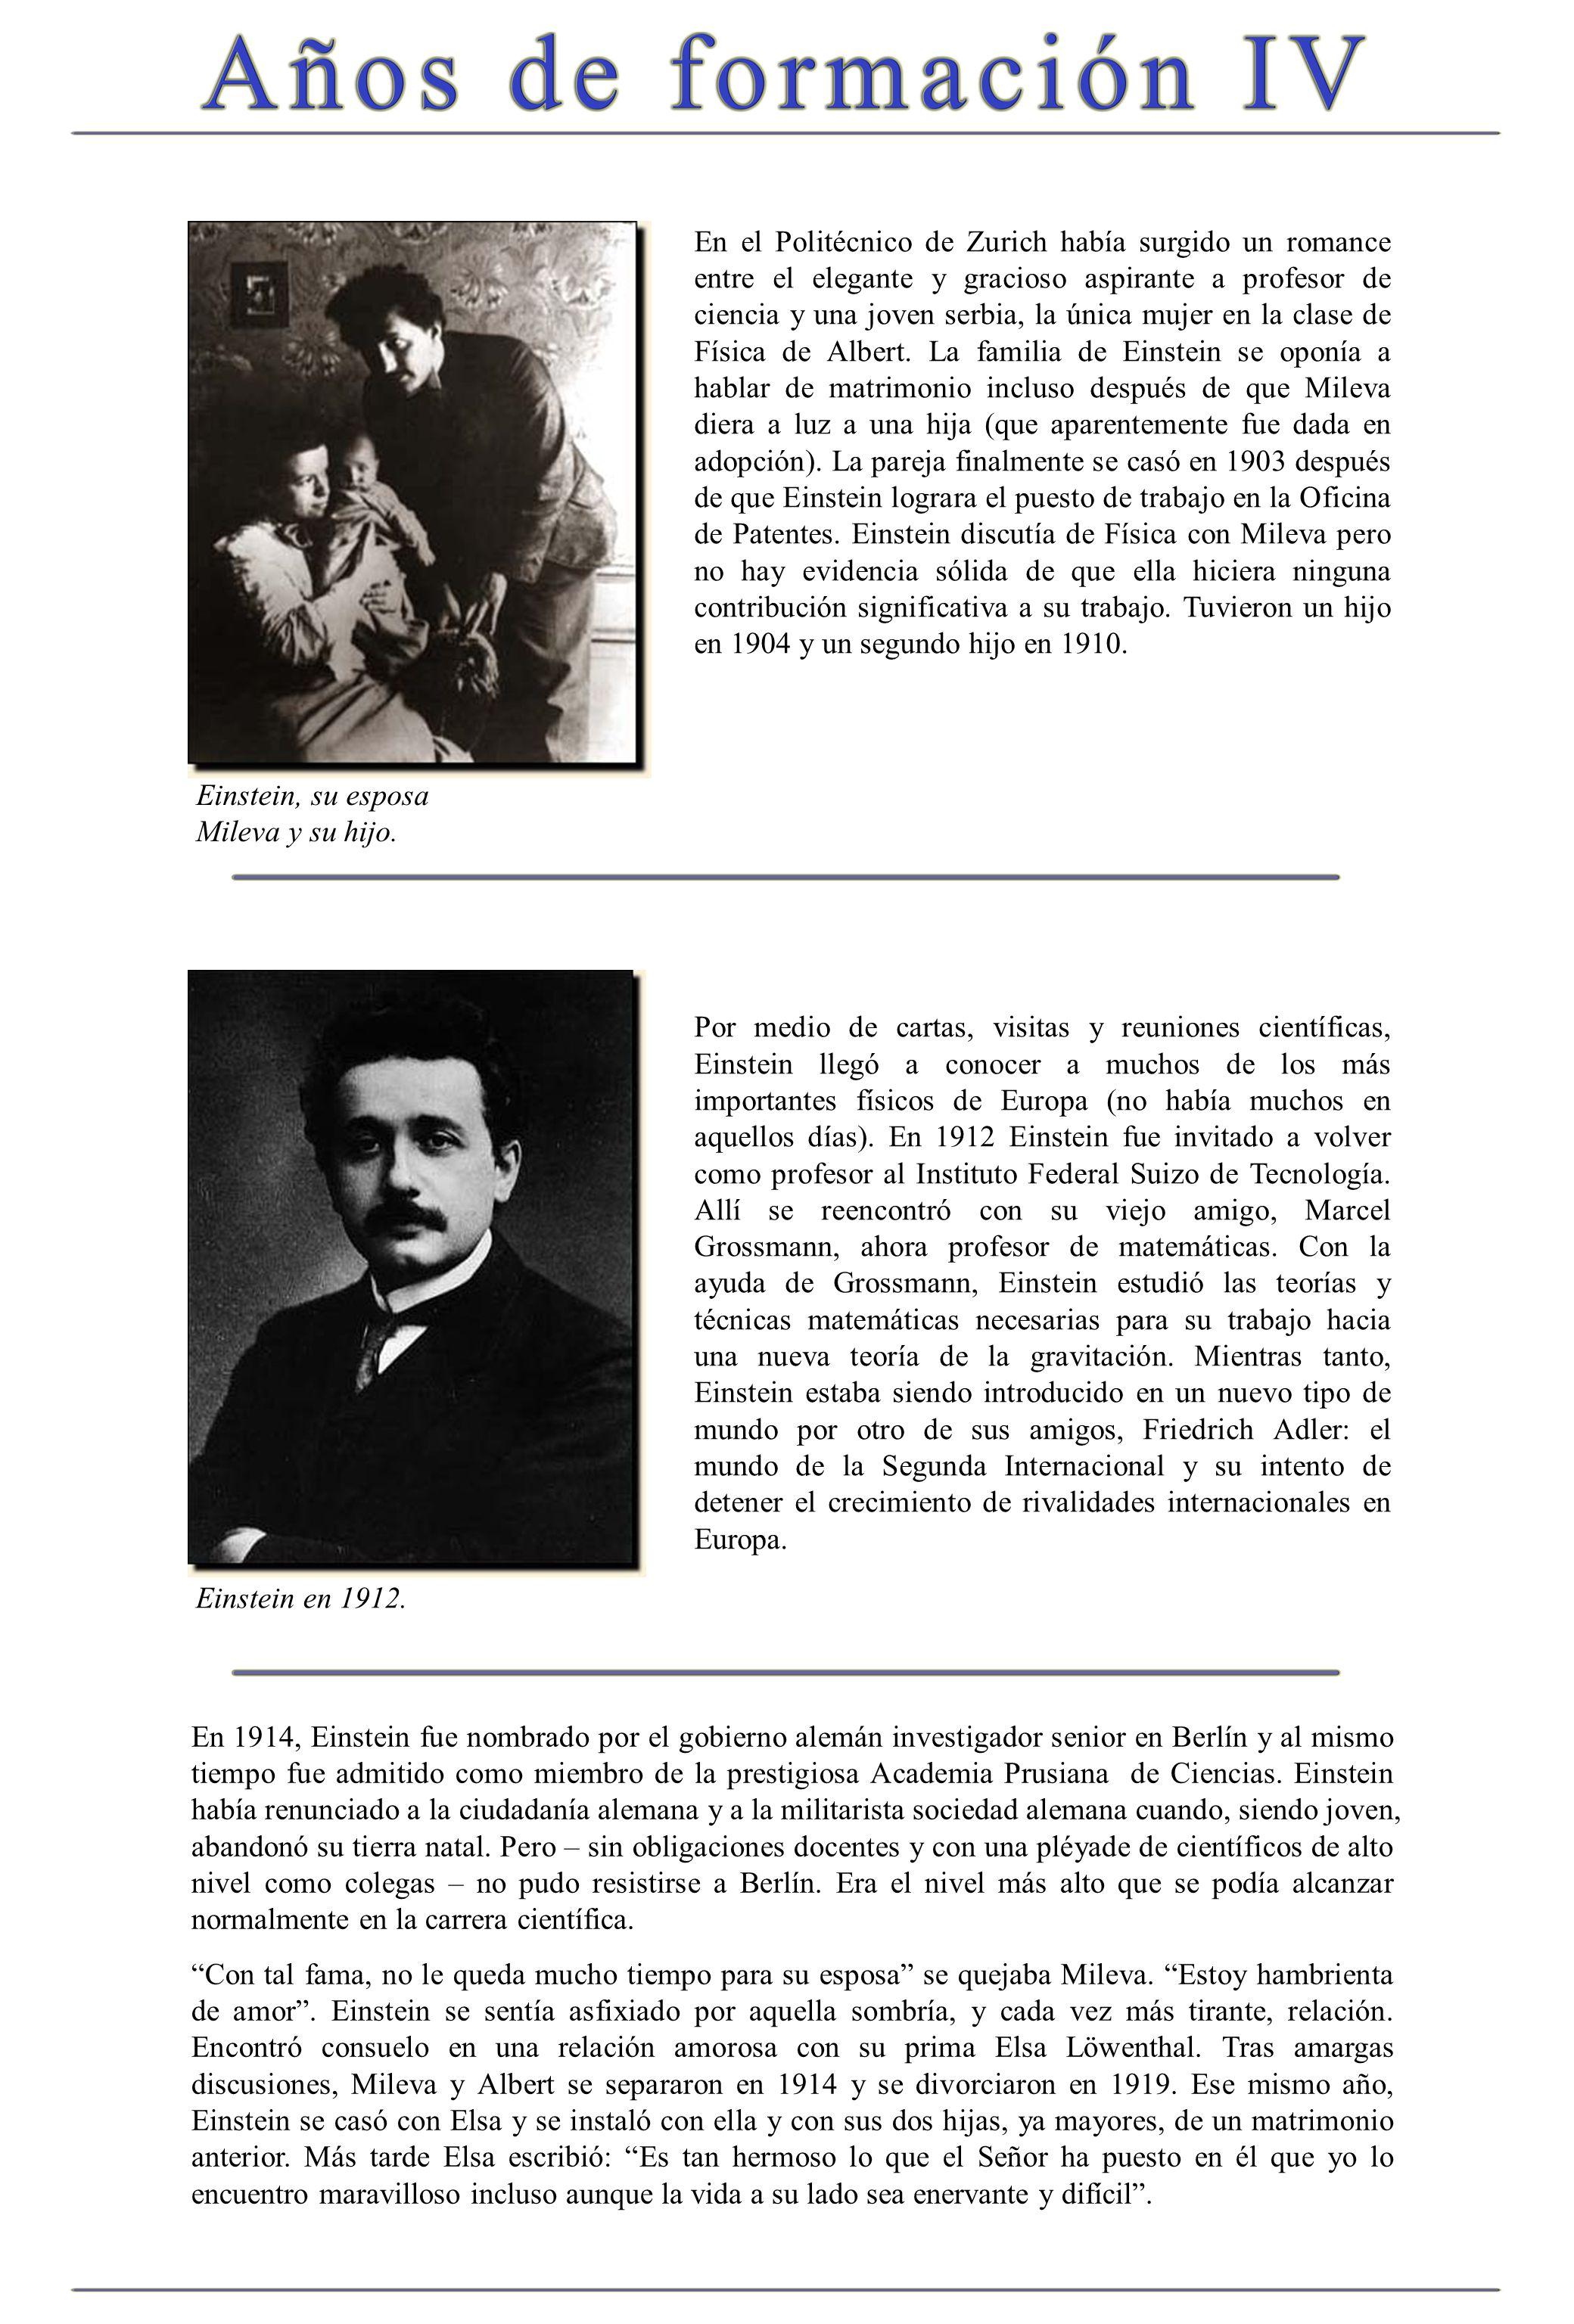 En el Politécnico de Zurich había surgido un romance entre el elegante y gracioso aspirante a profesor de ciencia y una joven serbia, la única mujer e